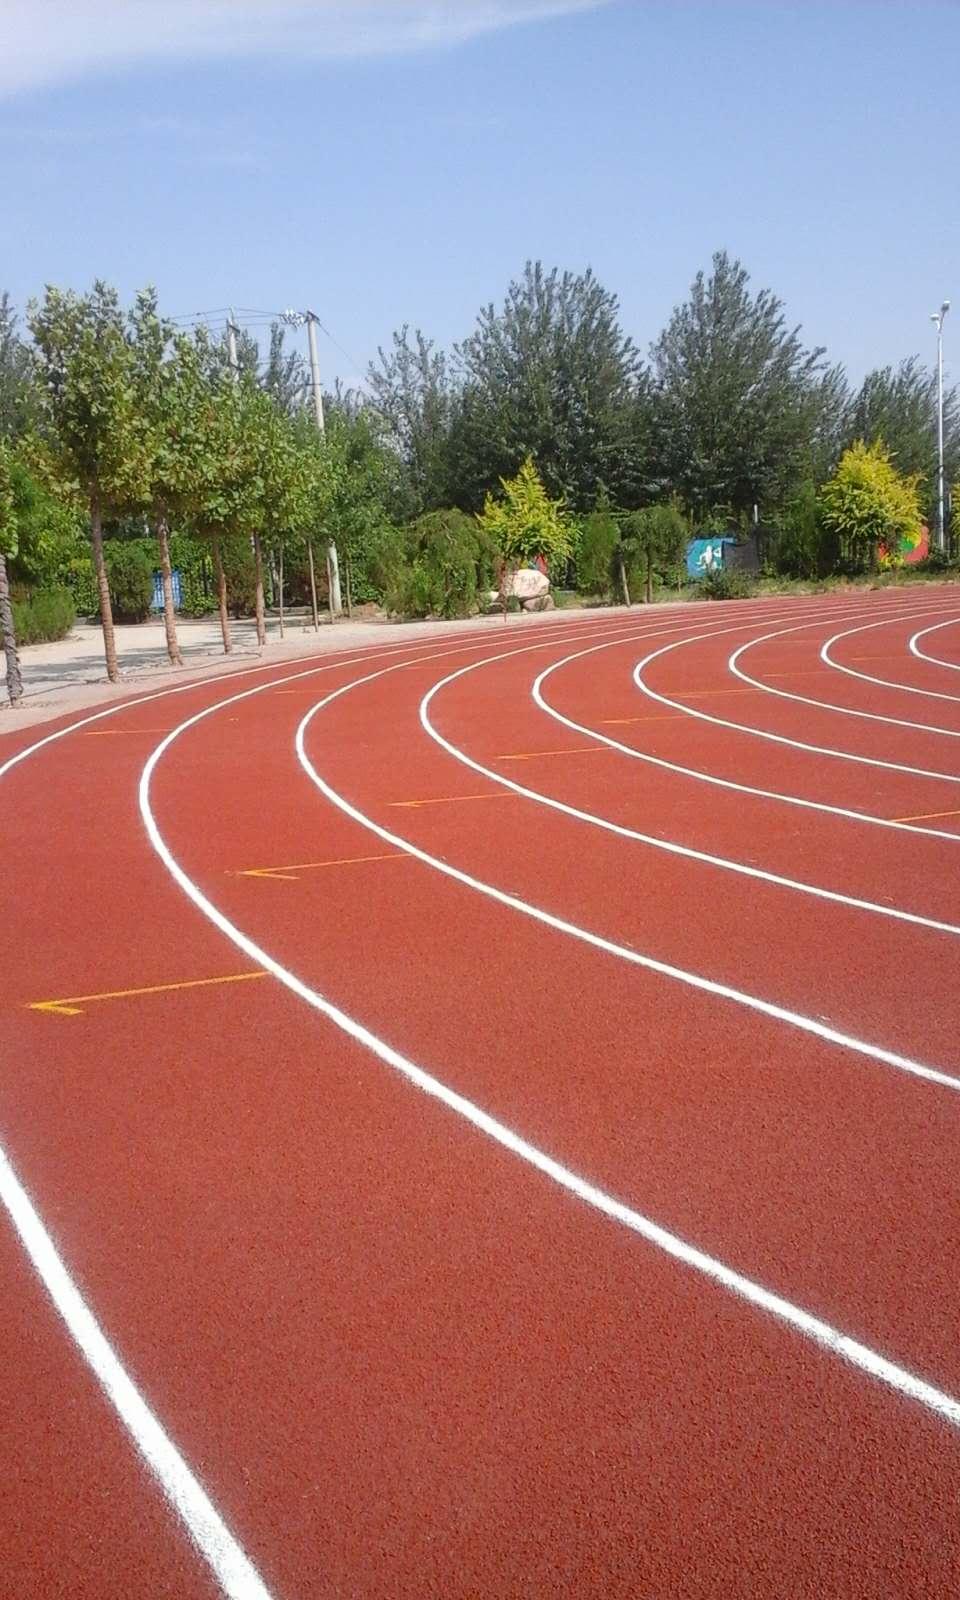 銀川塑膠跑道高端定制-高性價比銀川塑膠跑道哪里有供應